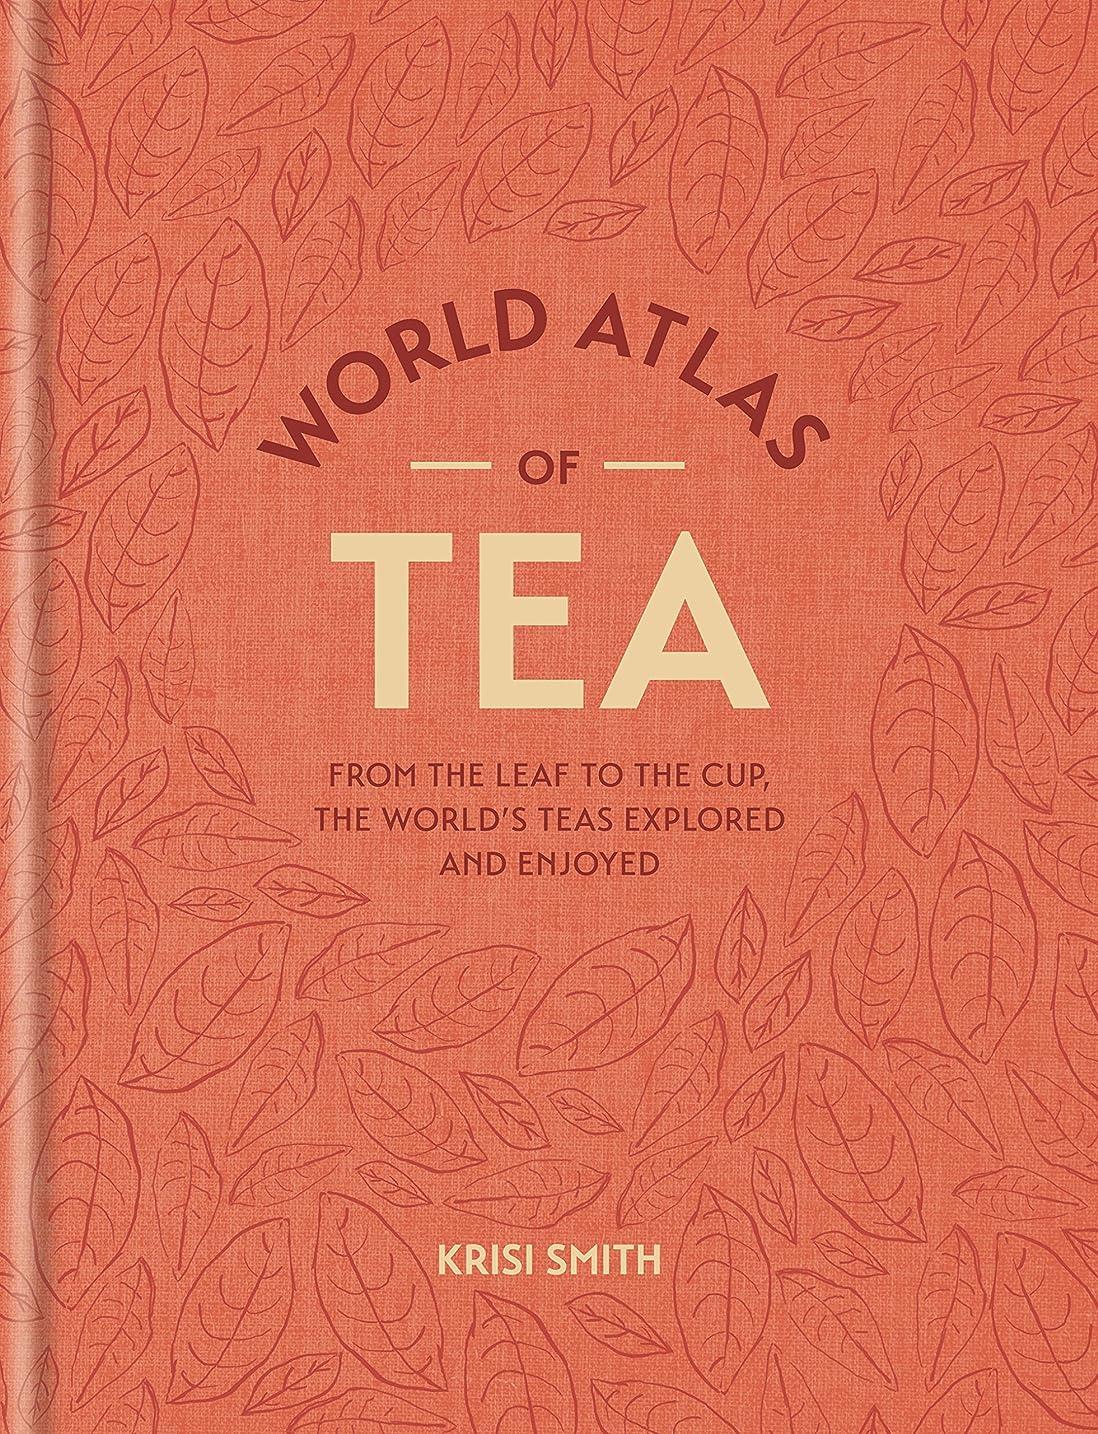 軽蔑するムスタチオようこそWorld Atlas of Tea: From the leaf to the cup, the world's teas explored and enjoyed (English Edition)